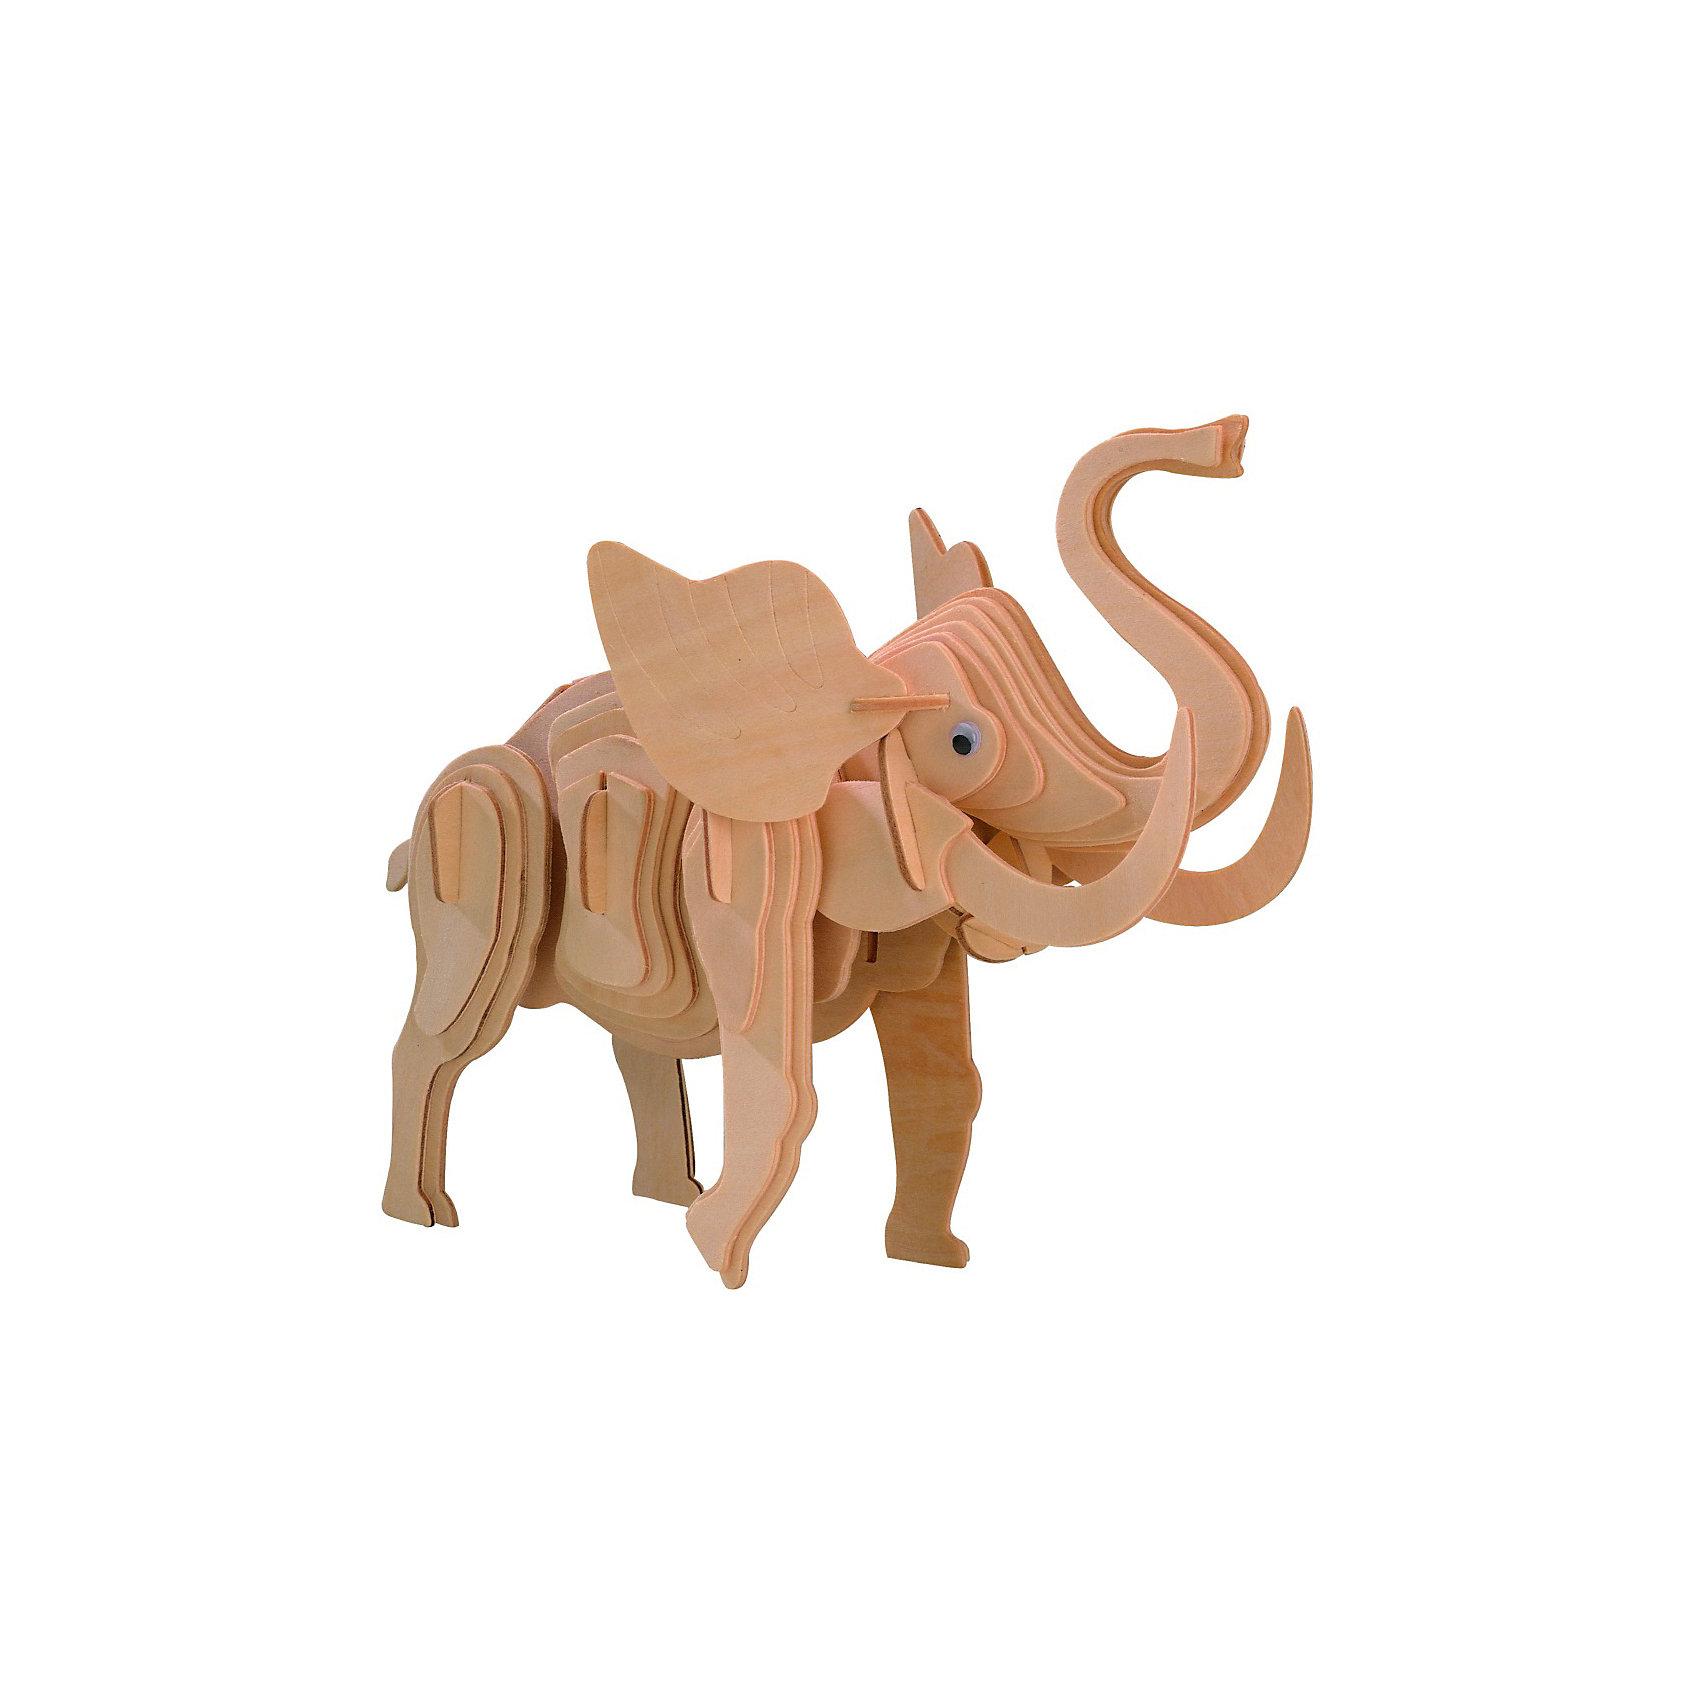 Маленький слон, Мир деревянных игрушекДеревянные конструкторы<br>Отличный вариант подарка для творческого ребенка - этот набор, из которого можно самому сделать красивую деревянную фигуру! Для этого нужно выдавить из пластины с деталями элементы для сборки и соединить их. Из наборов получаются красивые очень реалистичные игрушки, которые могут стать украшением комнаты.<br>Собирая их, ребенок будет учиться соотносить фигуры, развивать пространственное мышление, память и мелкую моторику. А раскрашивая готовое произведение, дети научатся подбирать цвета и будут развивать художественные навыки. Этот набор произведен из качественных и безопасных для детей материалов - дерево тщательно обработано.<br><br>Дополнительная информация:<br><br>материал: дерево;<br>цвет: бежевый;<br>элементы: пластины с деталями для сборки;<br>размер упаковки: 23 х 18 см.<br><br>3D-пазл Маленький слон от бренда Мир деревянных игрушек можно купить в нашем магазине.<br><br>Ширина мм: 225<br>Глубина мм: 30<br>Высота мм: 180<br>Вес г: 450<br>Возраст от месяцев: 36<br>Возраст до месяцев: 144<br>Пол: Унисекс<br>Возраст: Детский<br>SKU: 4969080